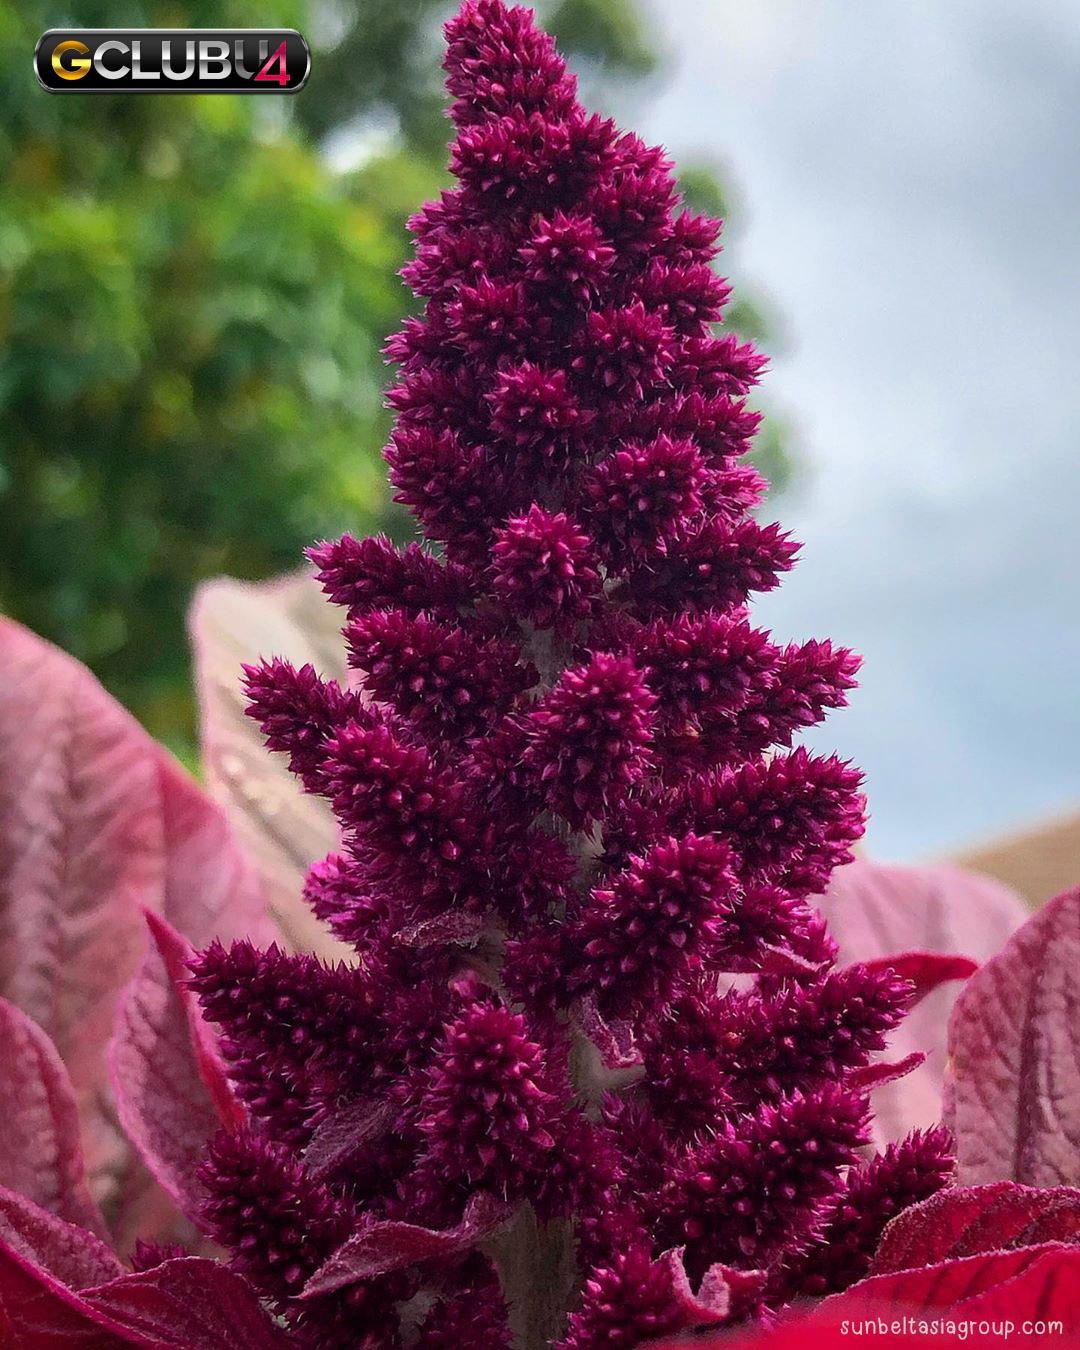 ดอกบานไม่รู้โรย Chaulai มีประโยชน์ต่อสุขภาพอย่างไร